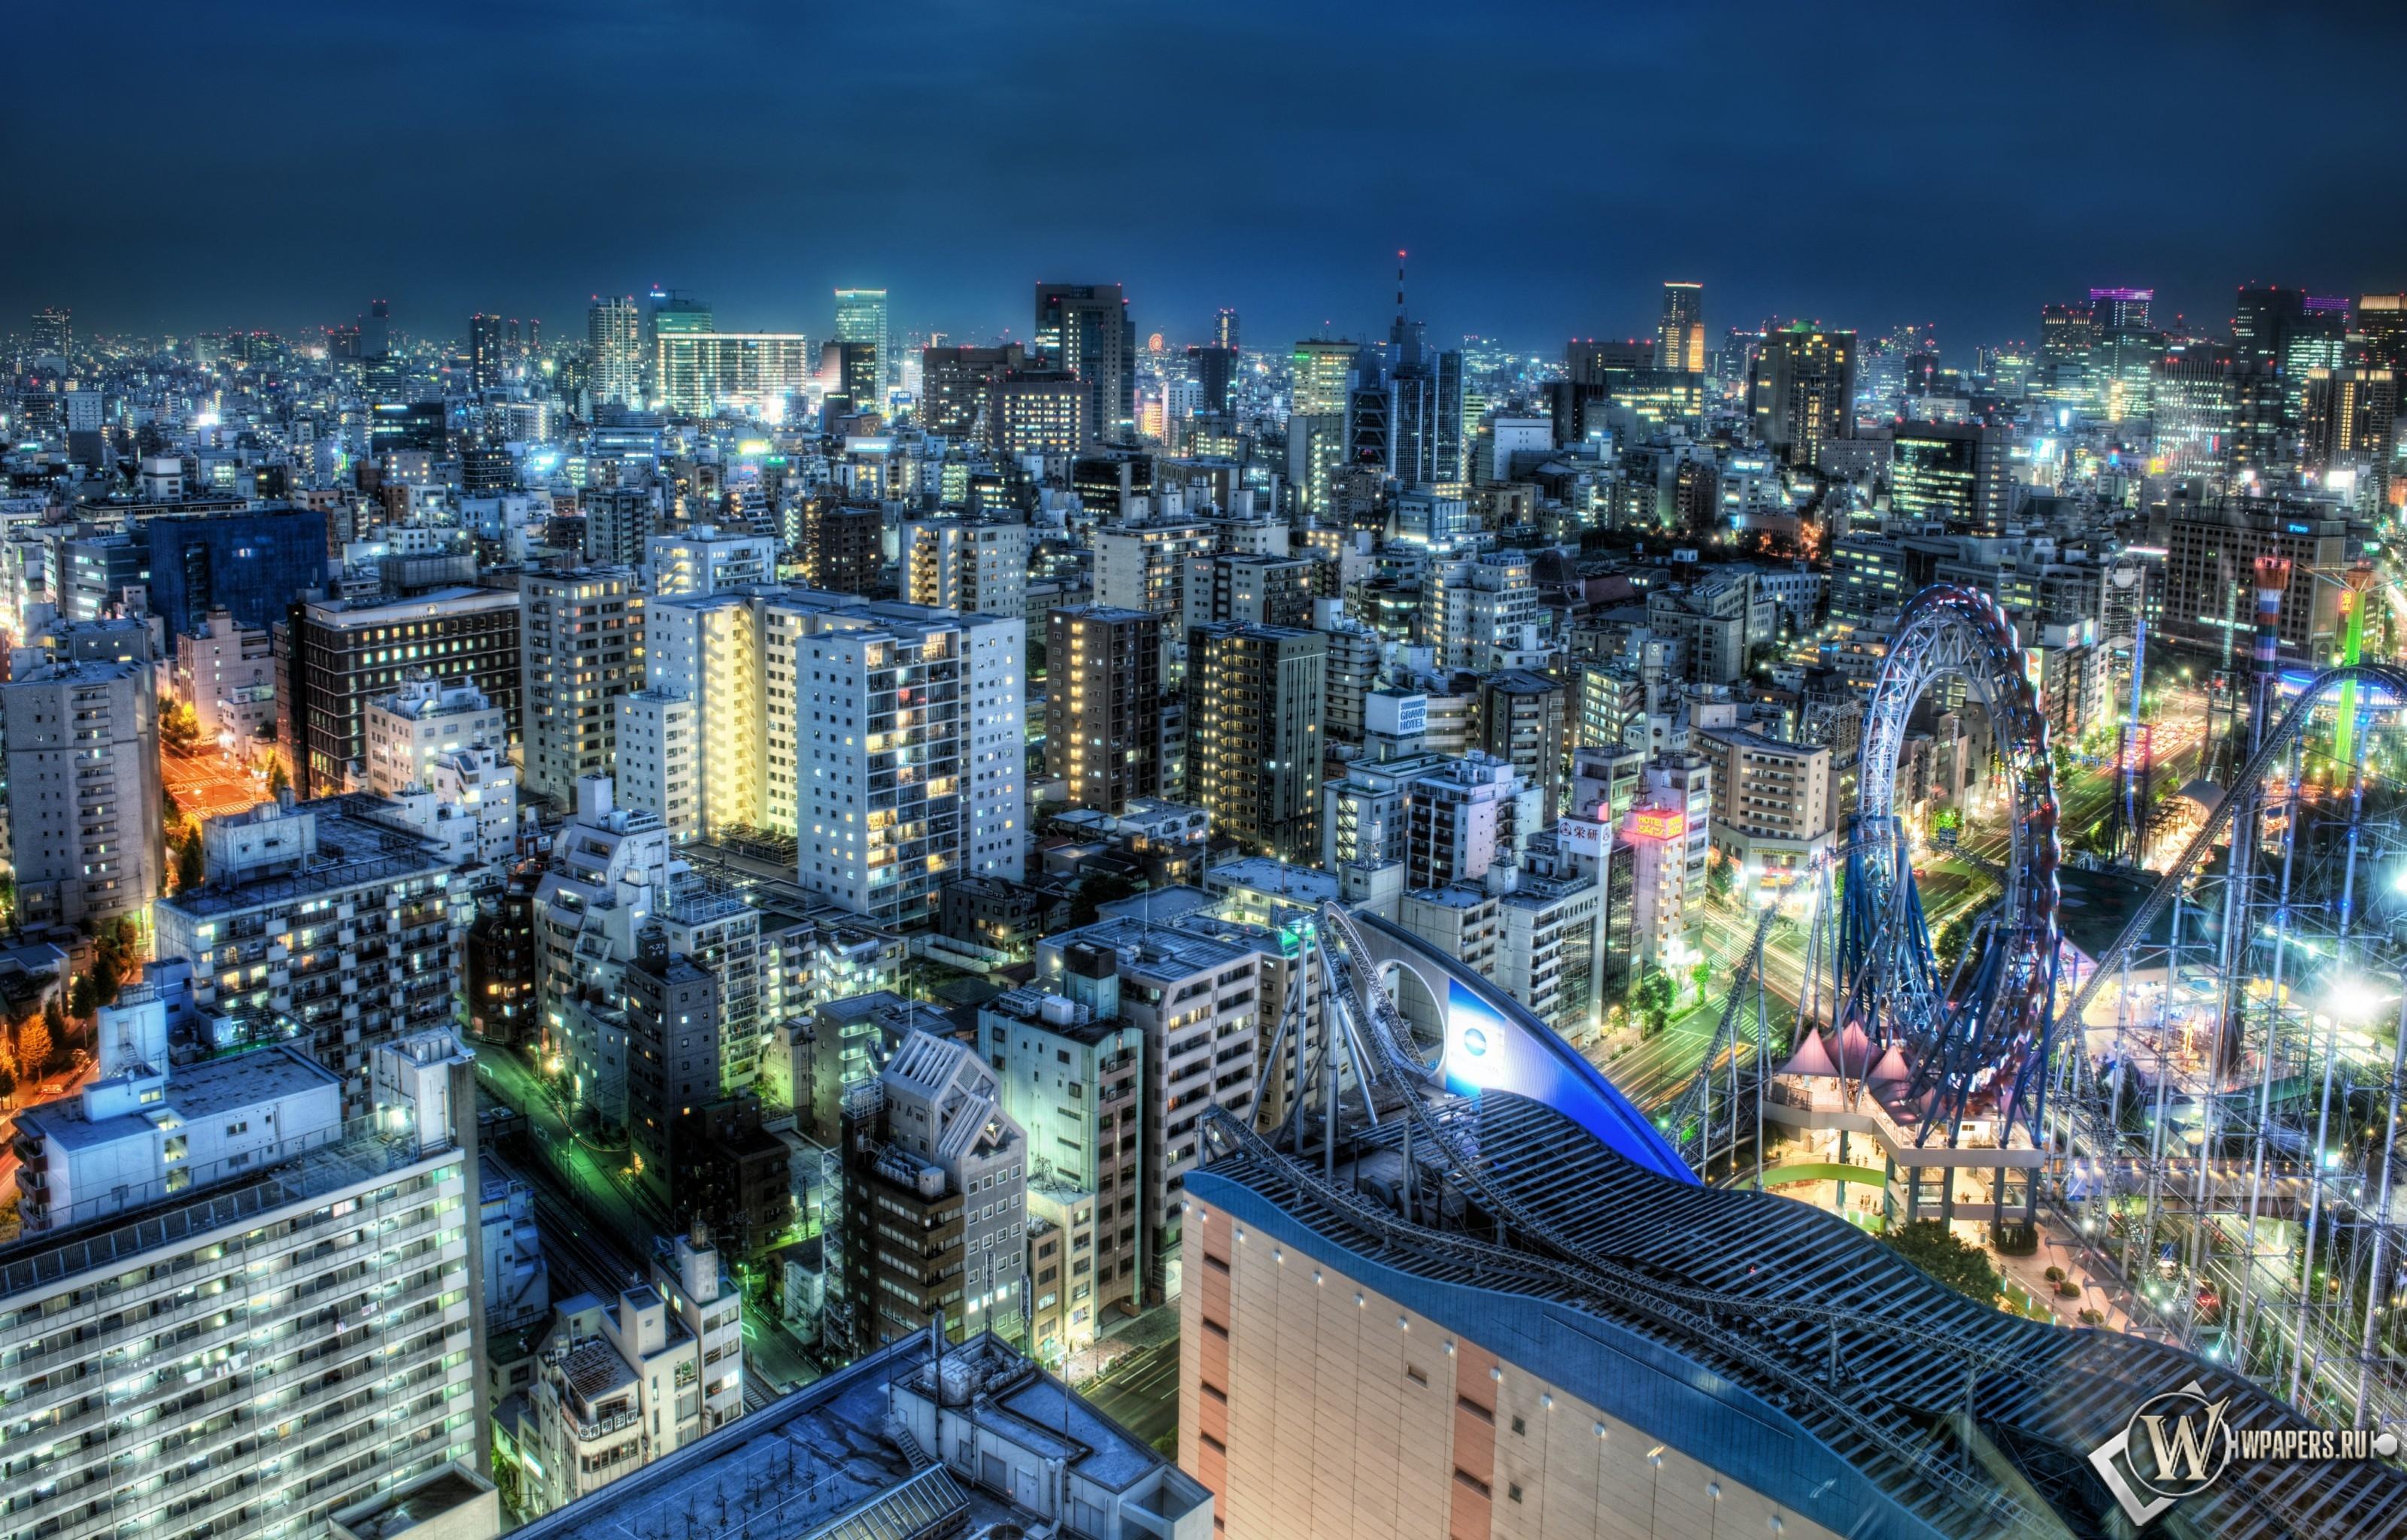 Tokyo at Dusk 3200x2048